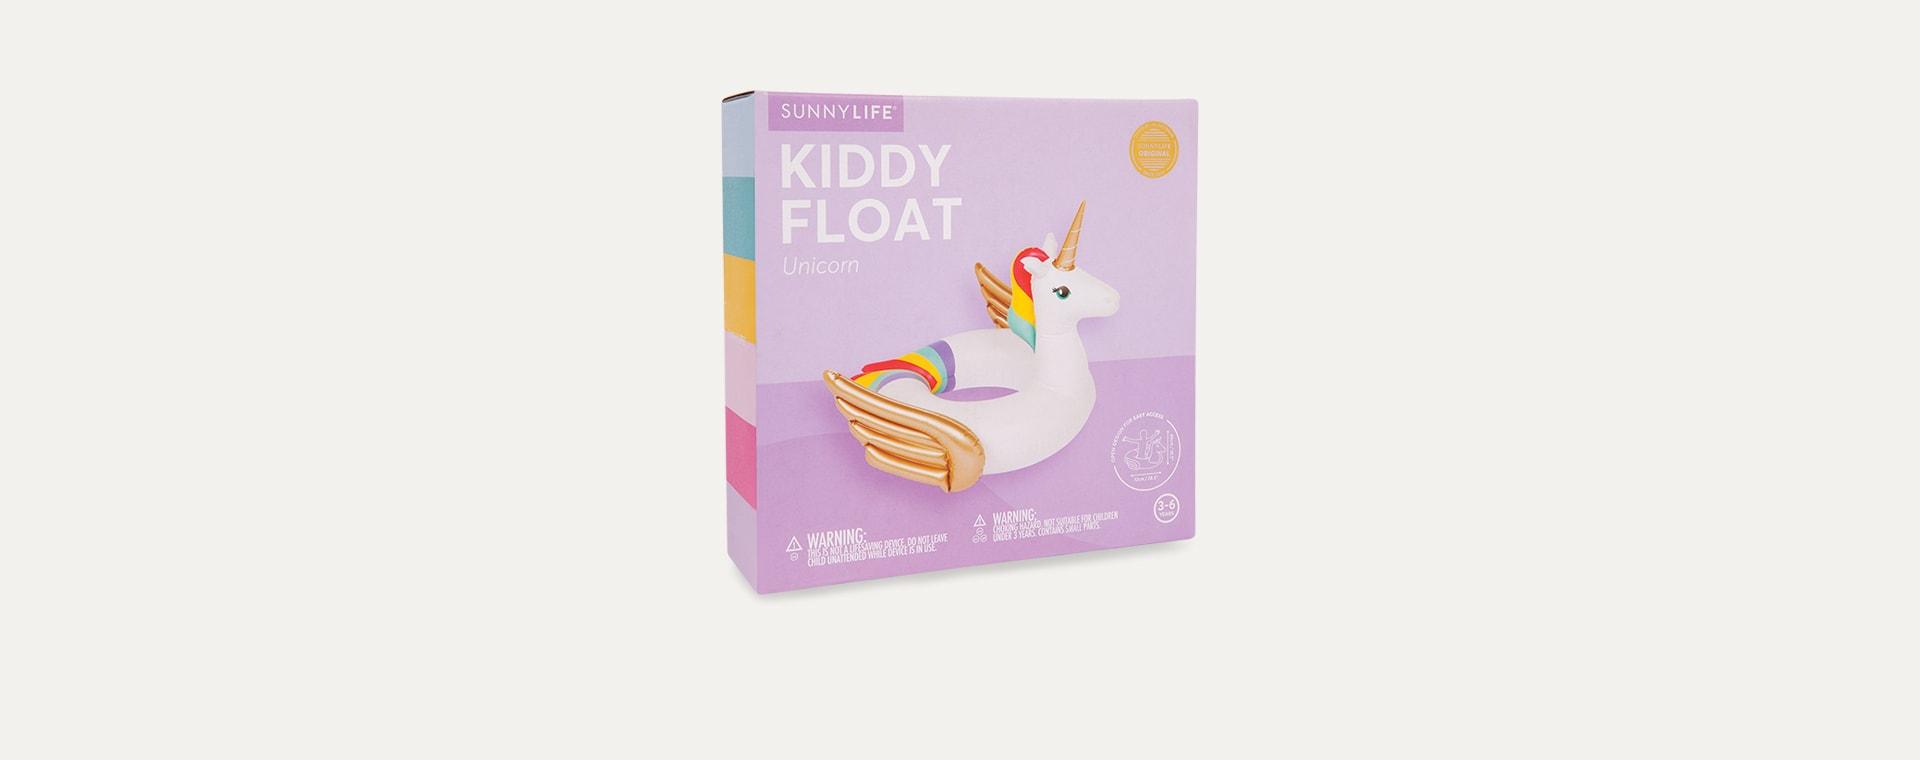 Unicorn Pastle Sunnylife Kiddy Float